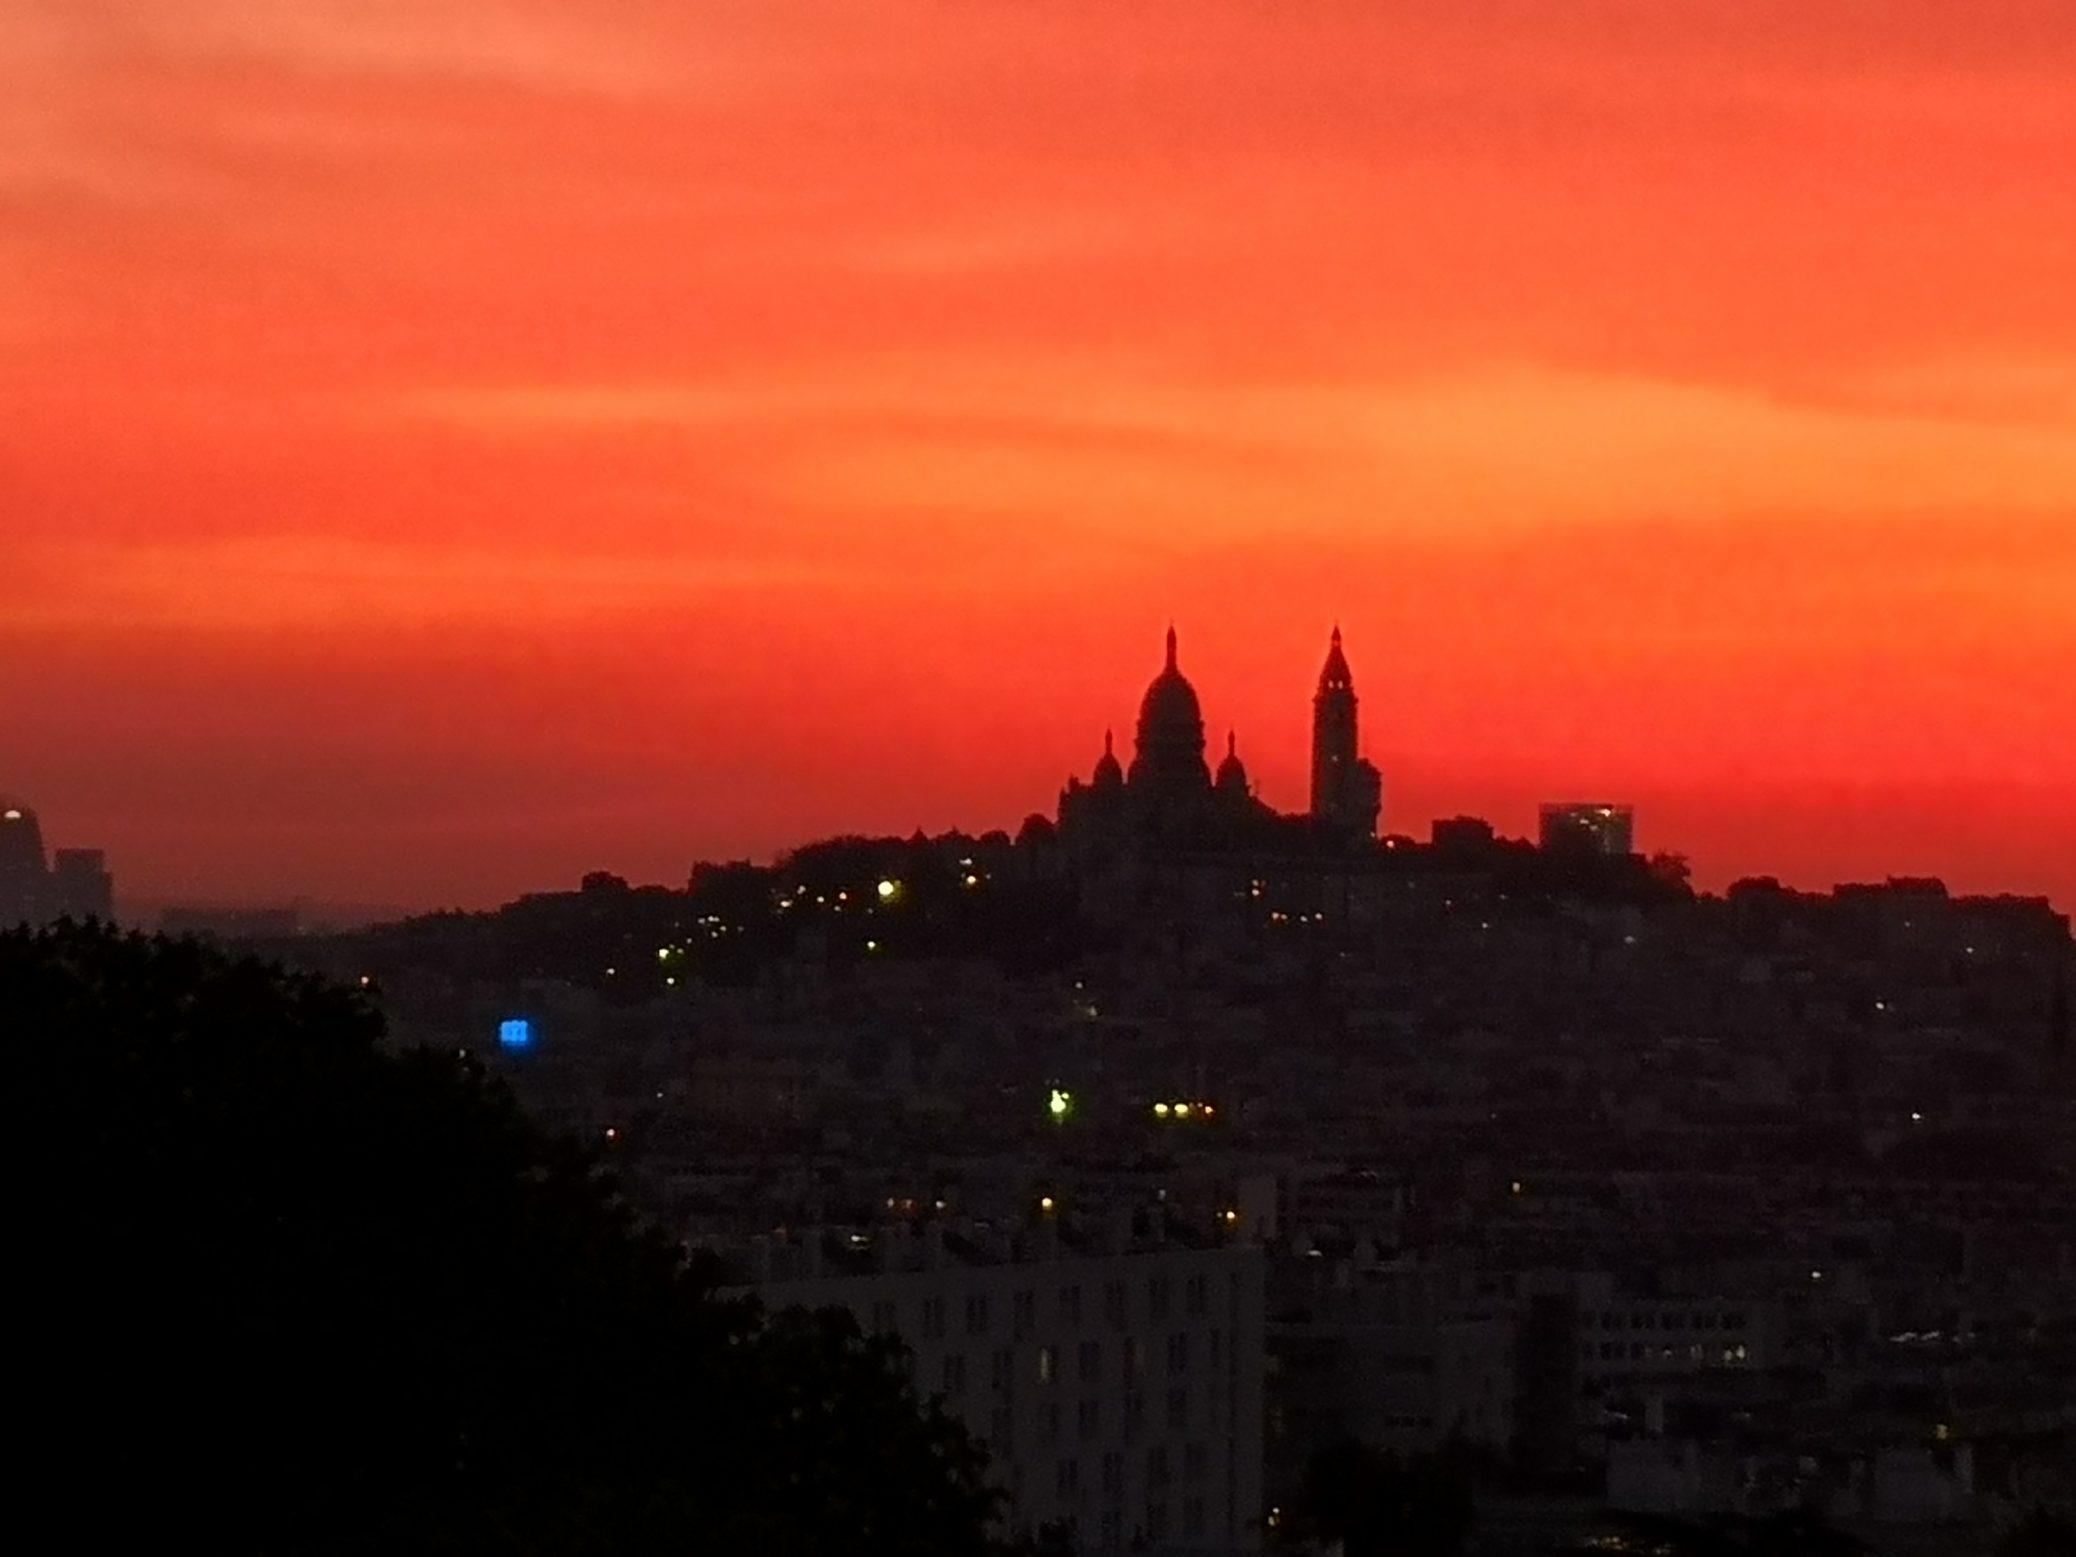 Un coucher de soleil incroyable sur Montmartre